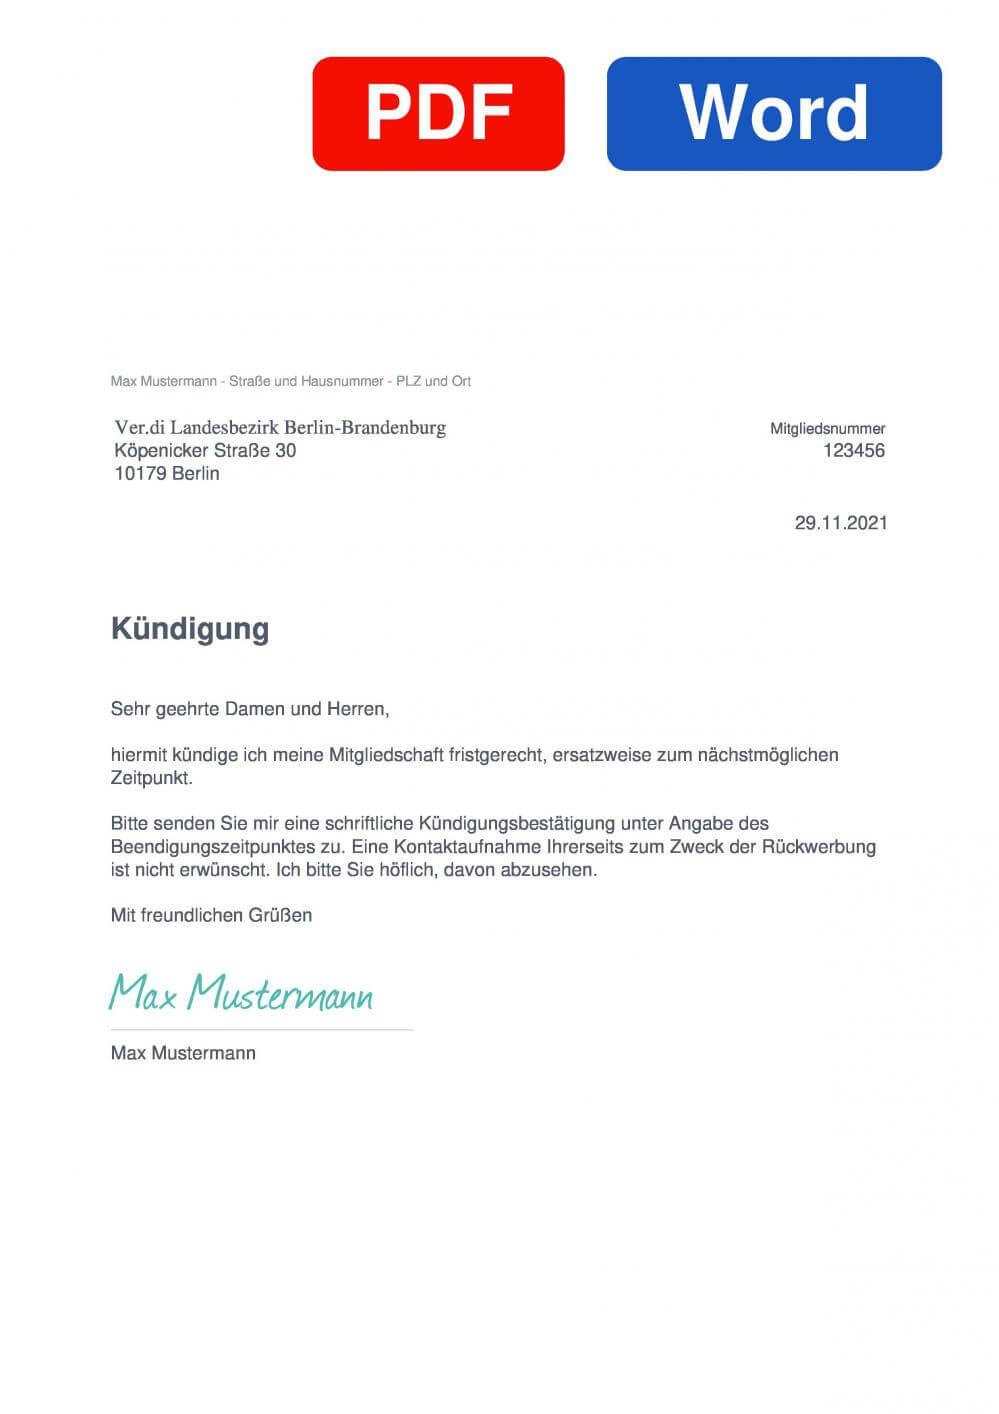 Verdi Landesbezirk Berlin-Brandenburg Muster Vorlage für Kündigungsschreiben